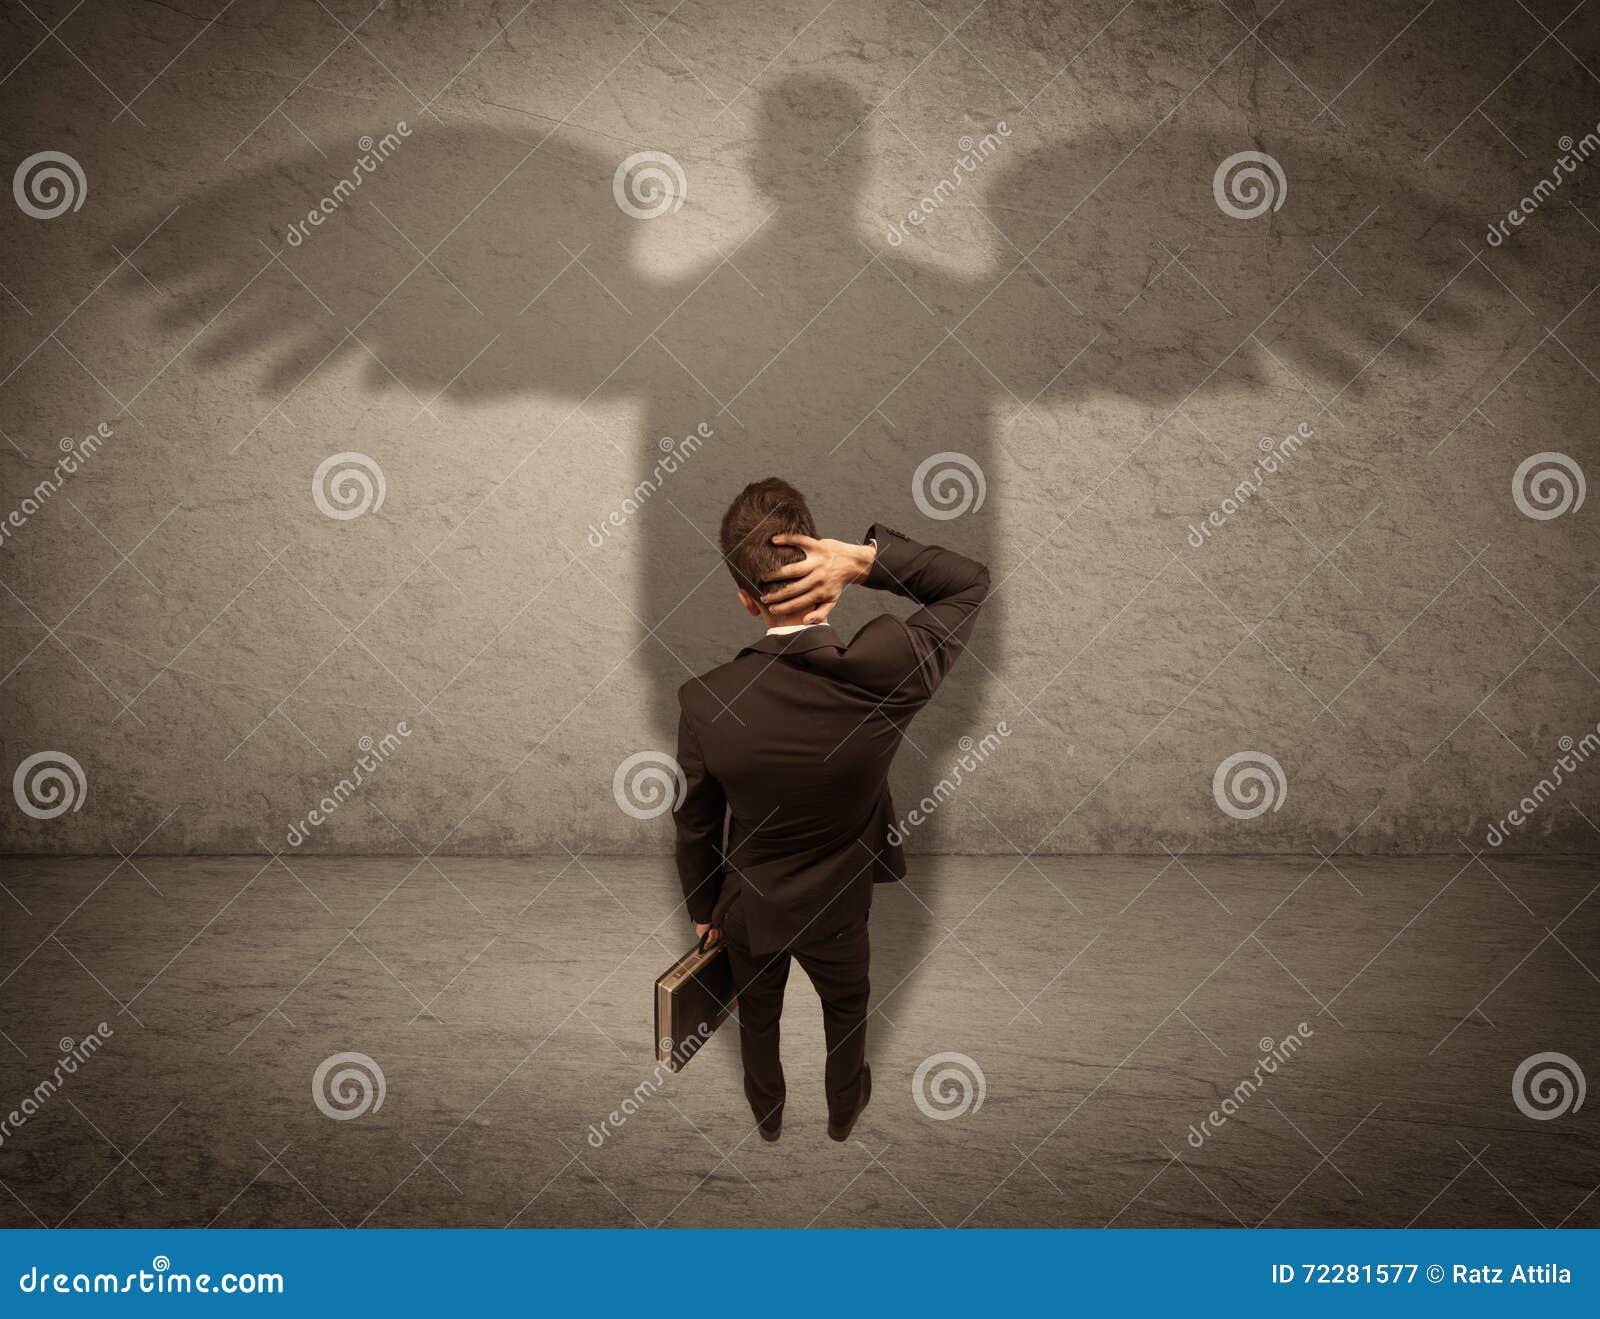 Download Честный продавец с концепцией тени ангела Стоковое Изображение - изображение насчитывающей хорошо, черный: 72281577